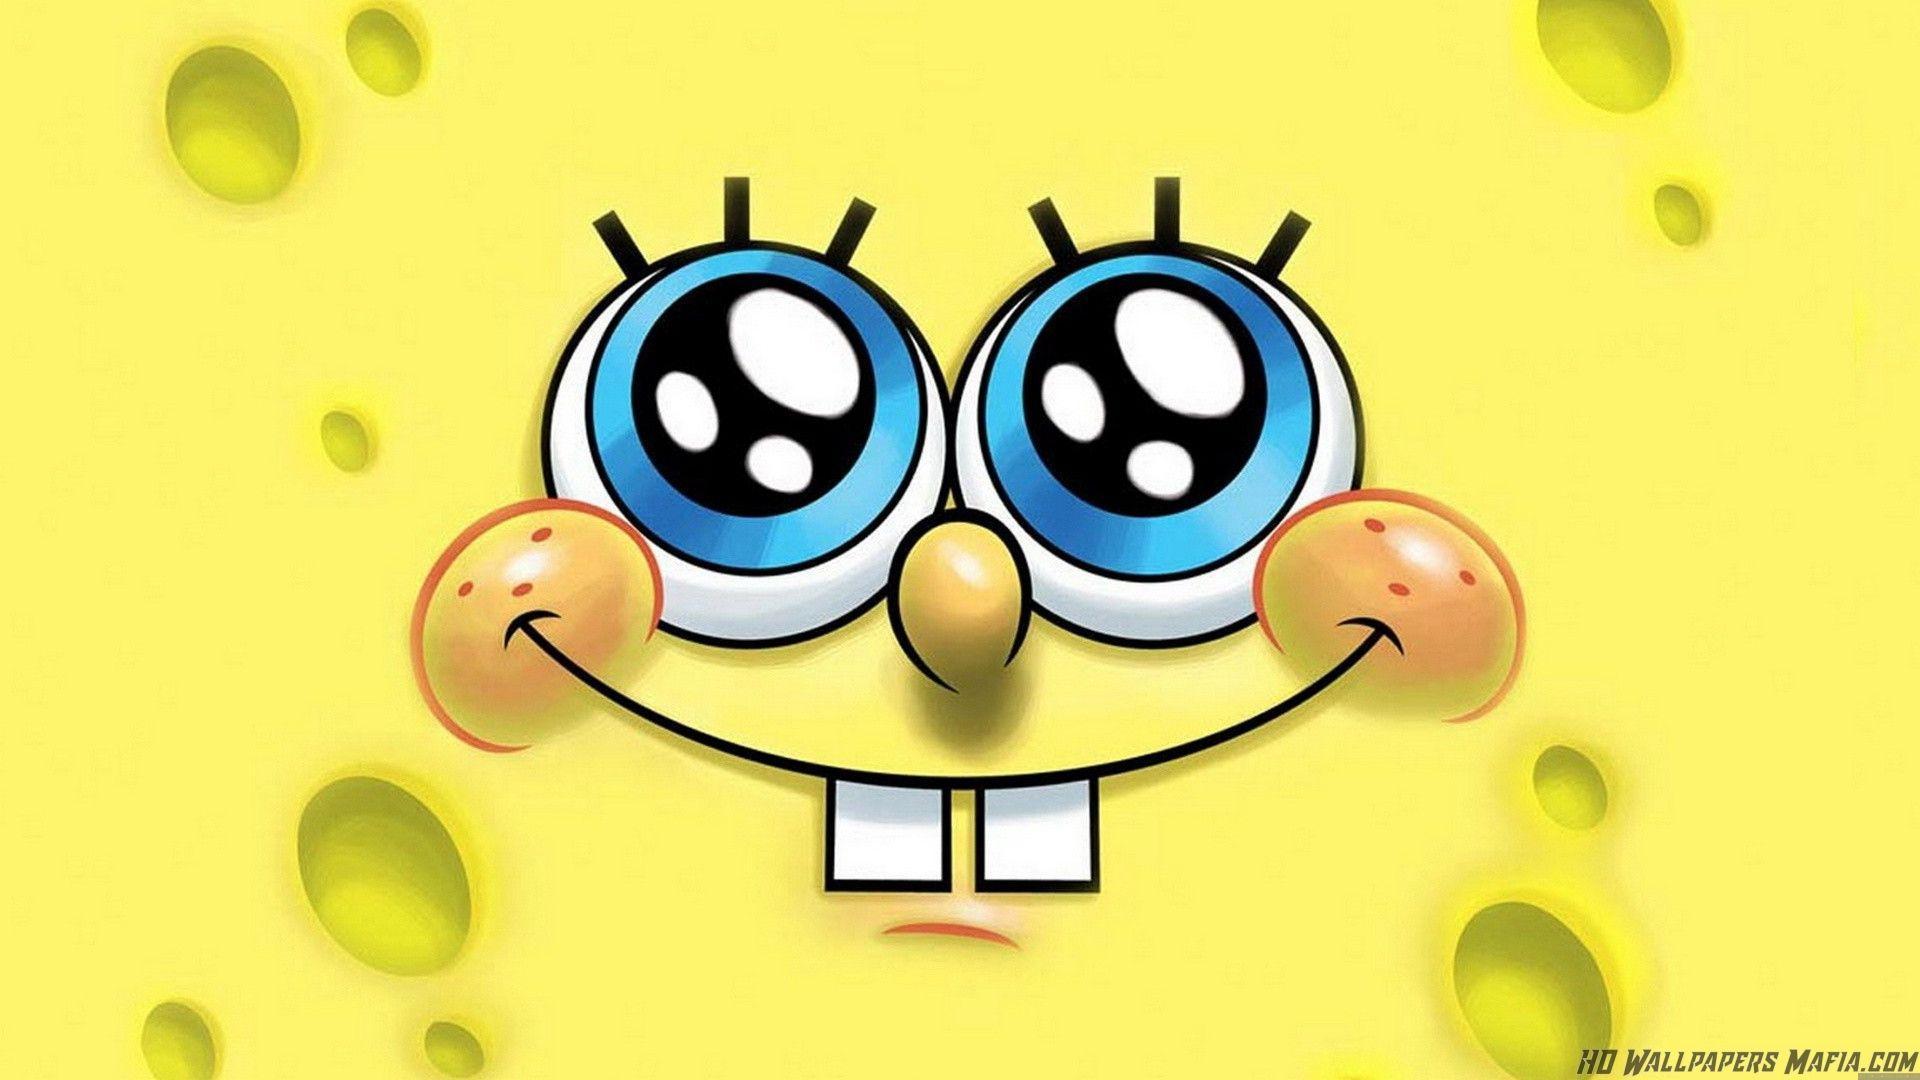 SpongeBob Desktop Wallpapers - Top Free SpongeBob Desktop ...